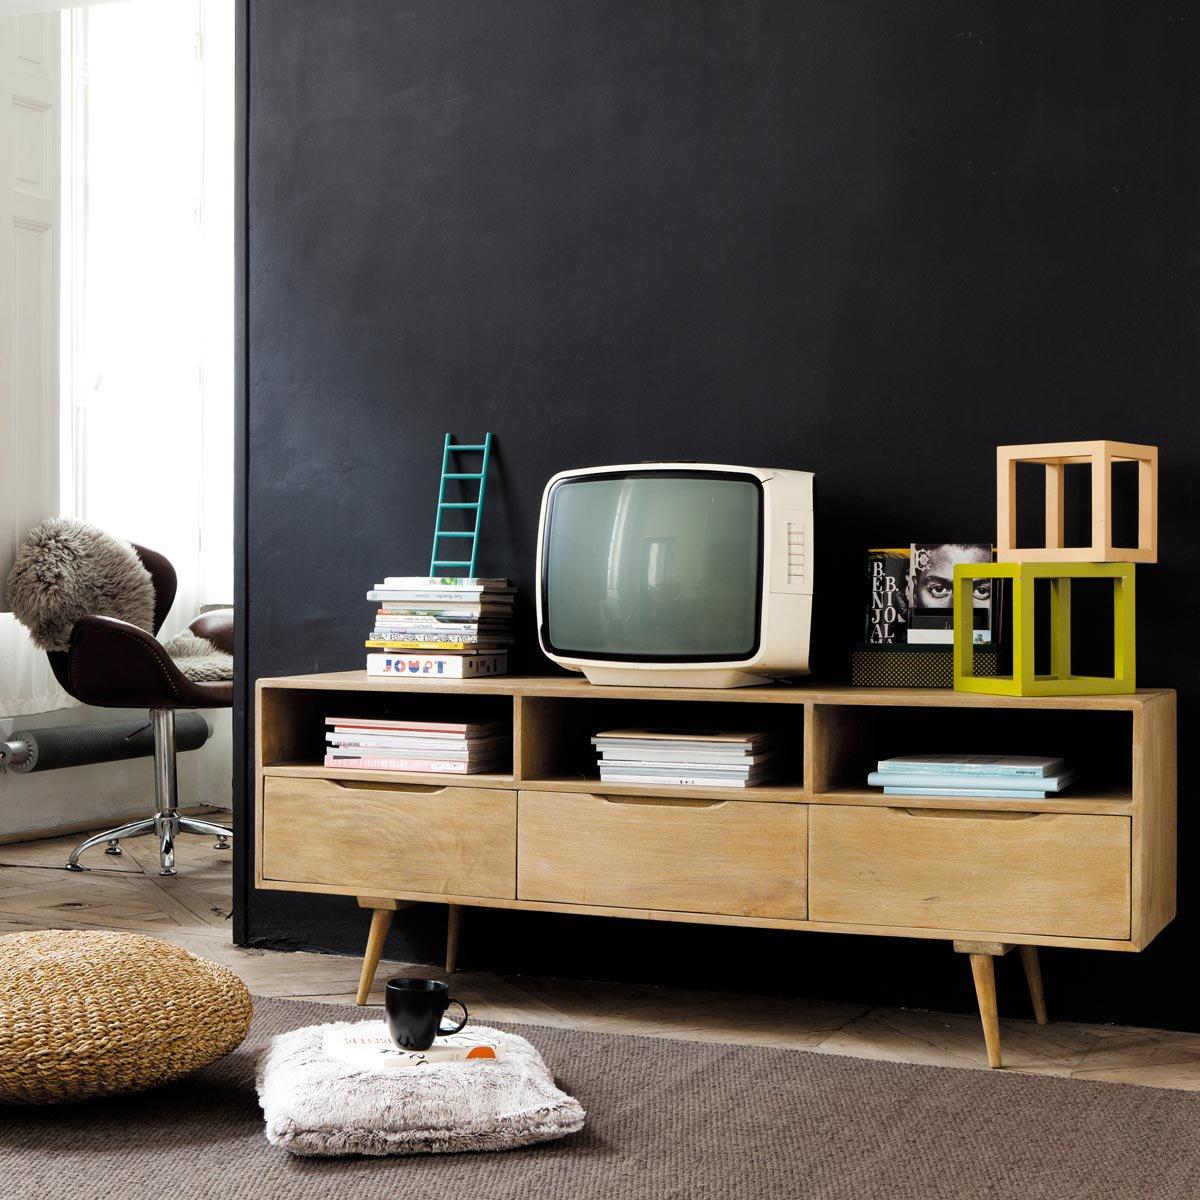 Petit Meuble Tv Maison Du Monde Artzein Com # Maison Du Monde Meuble Tv Vintage